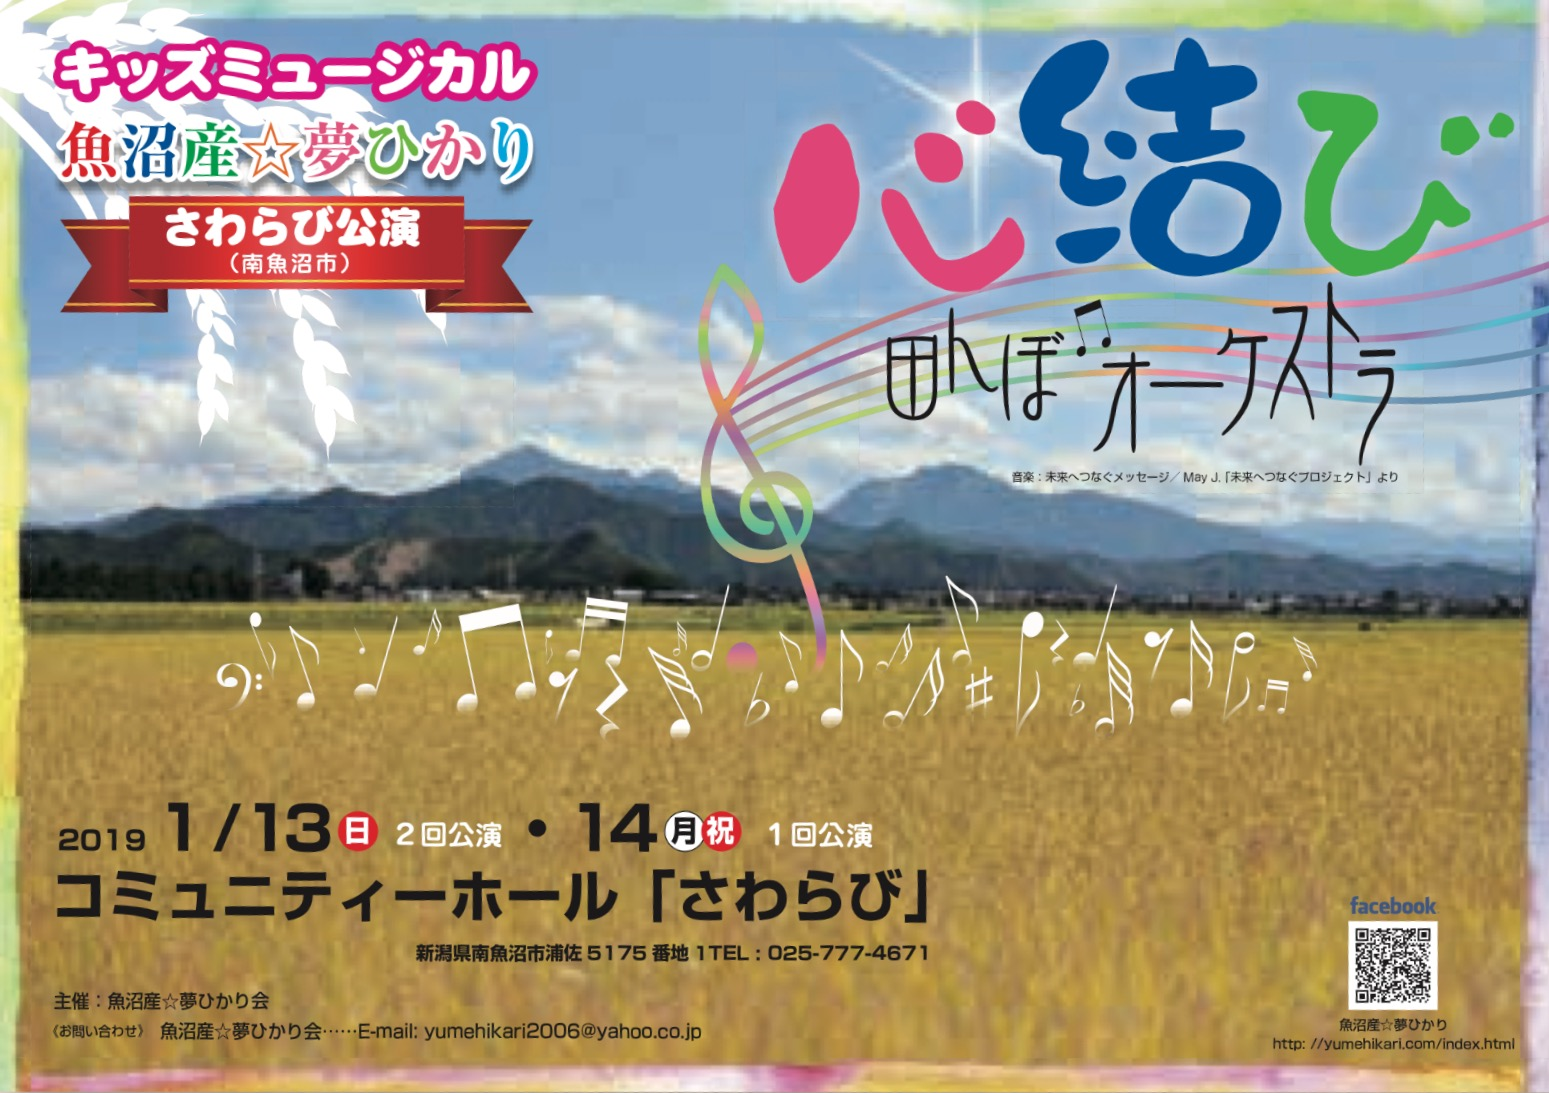 さわらび公演(3回目1月14日13:30開演)「心結び」~田んぼオーケストラ~